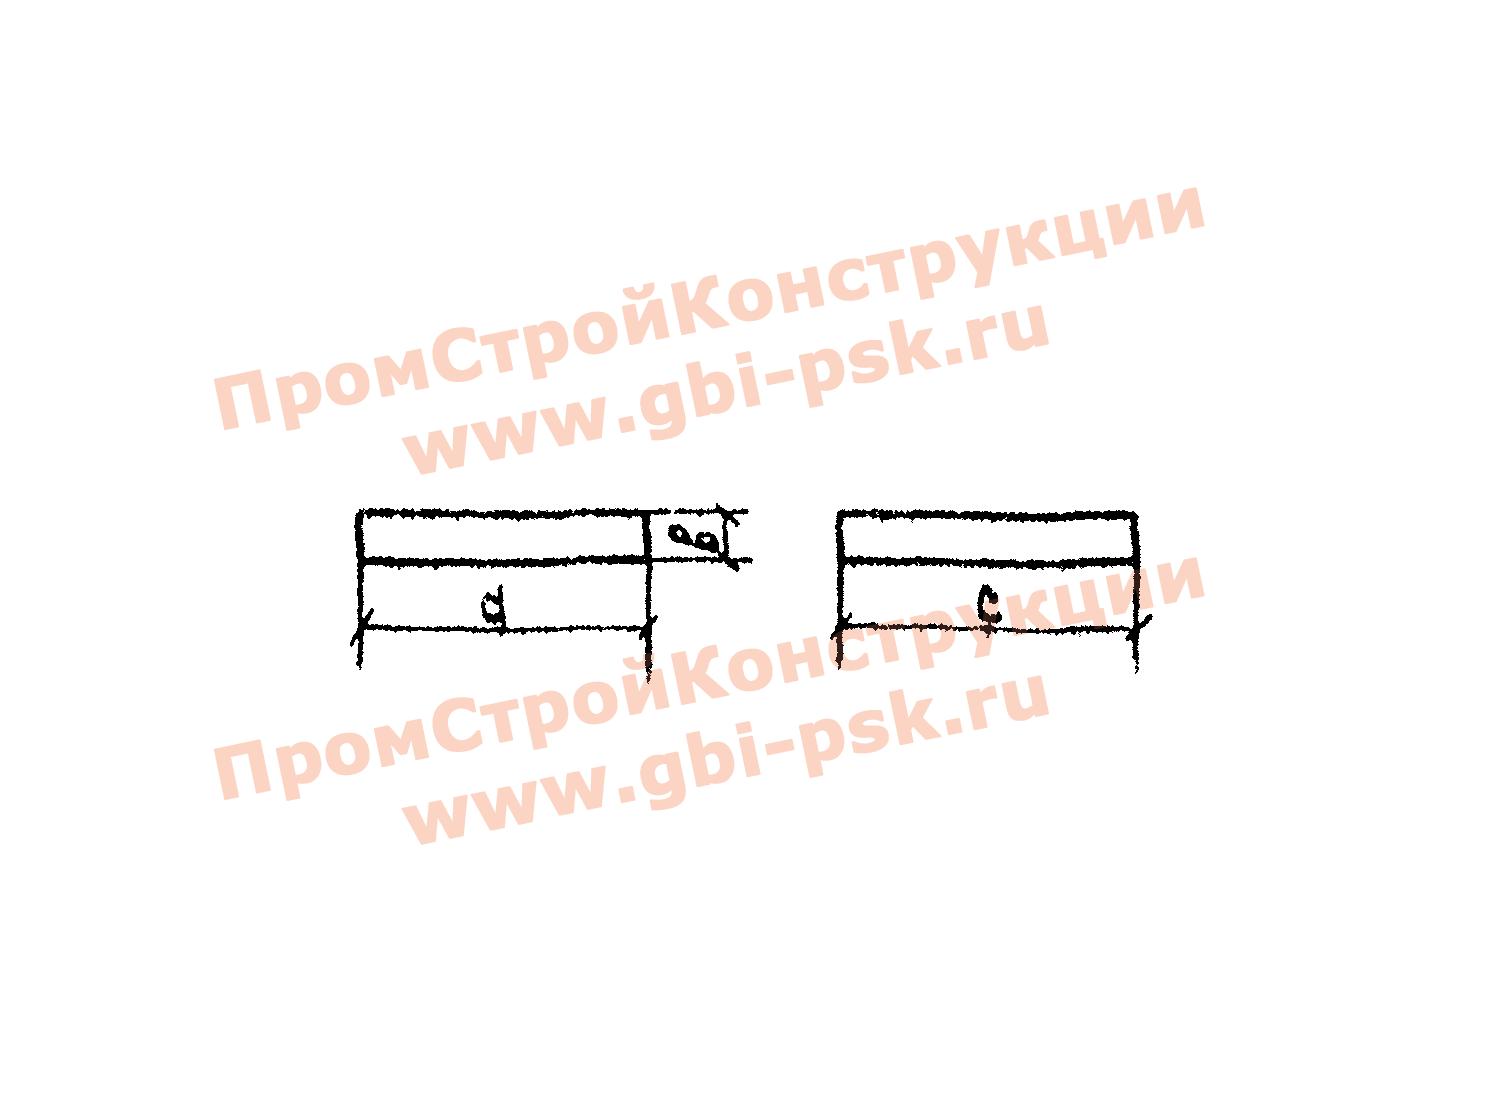 Блоки фундамента — Серия 3.501.1-144, выпуск 0-2